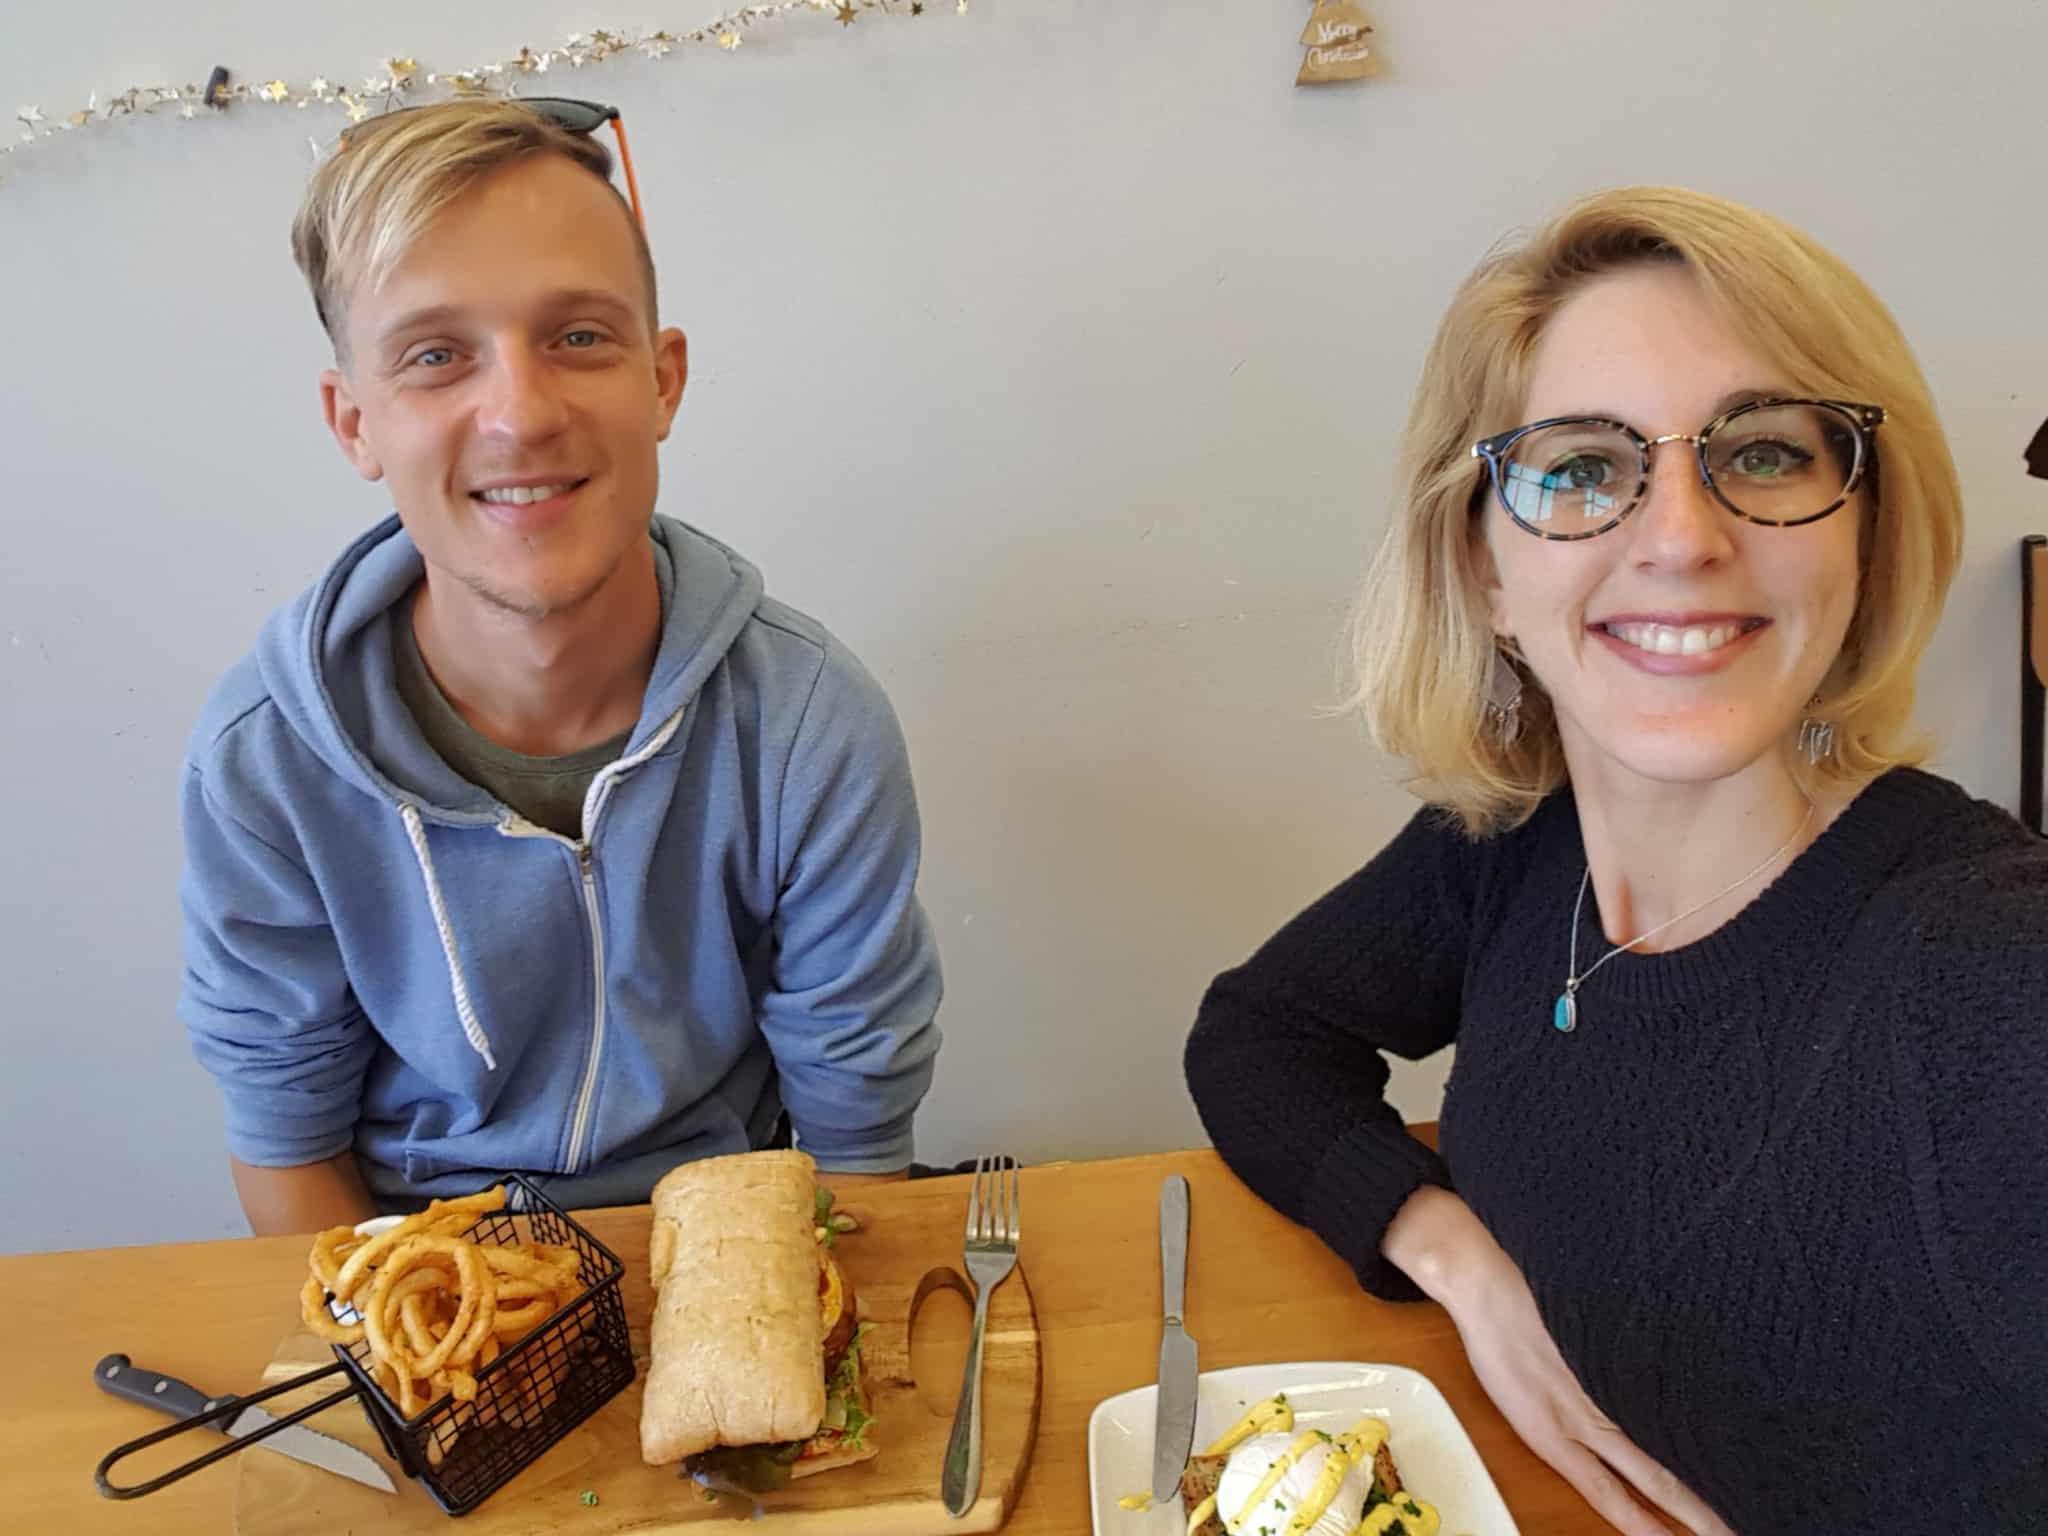 Nouvelle-Zélande, un Noël chez les Kiwis 🌲 4